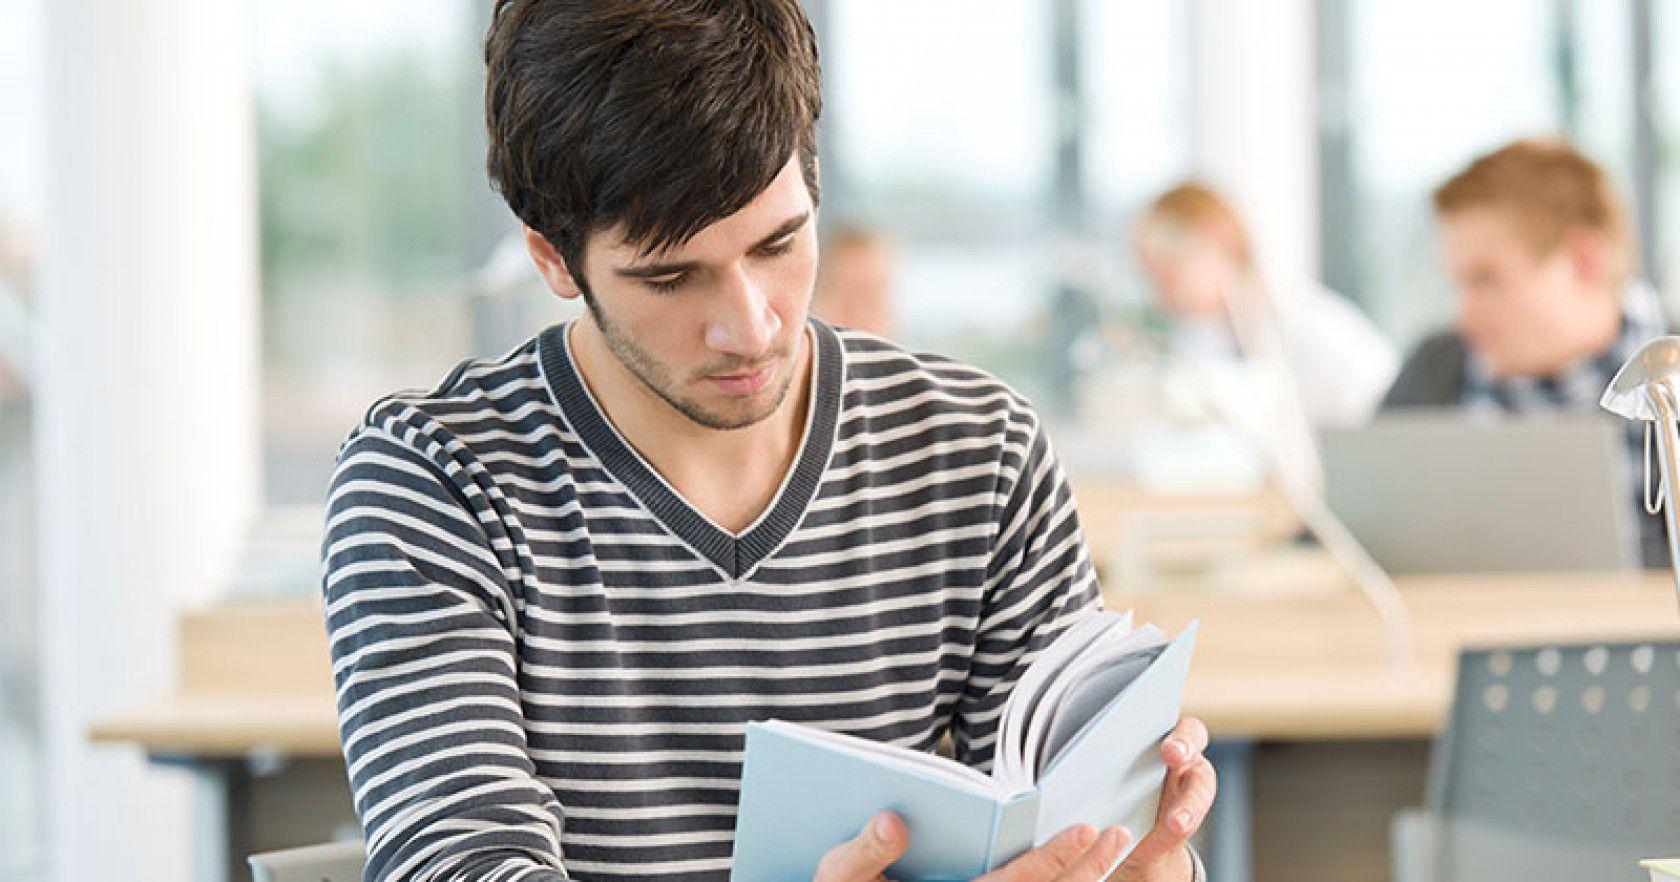 Avustralya Lise Eğitimi PLEP Sınavı Başvurusu Koşulları Nelerdir?